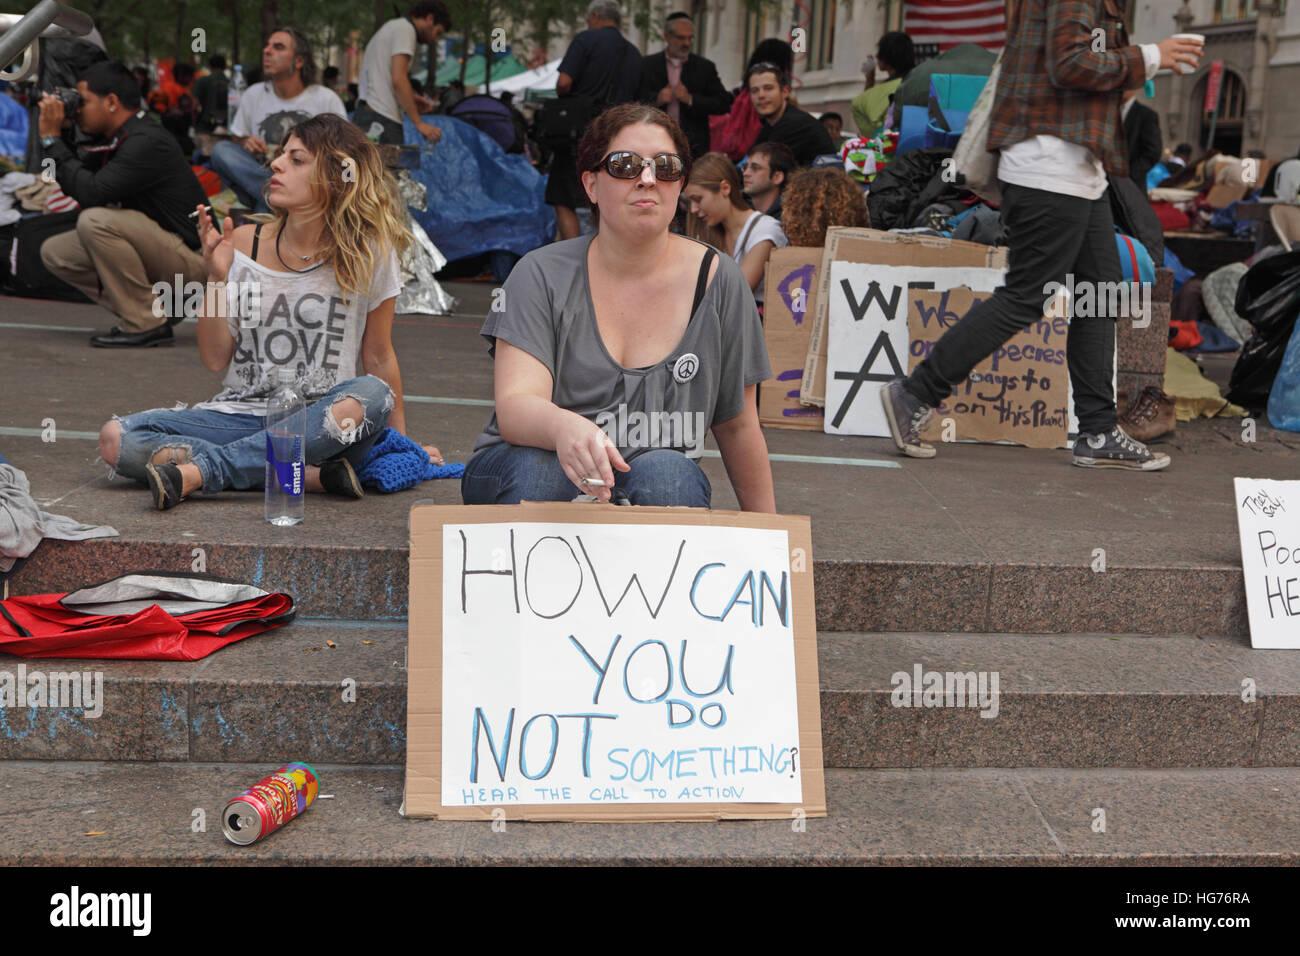 Ocupar Wall Street manifestante campamento en el parque Zuccotti mujer con una pancarta llamando a la gente a la Imagen De Stock